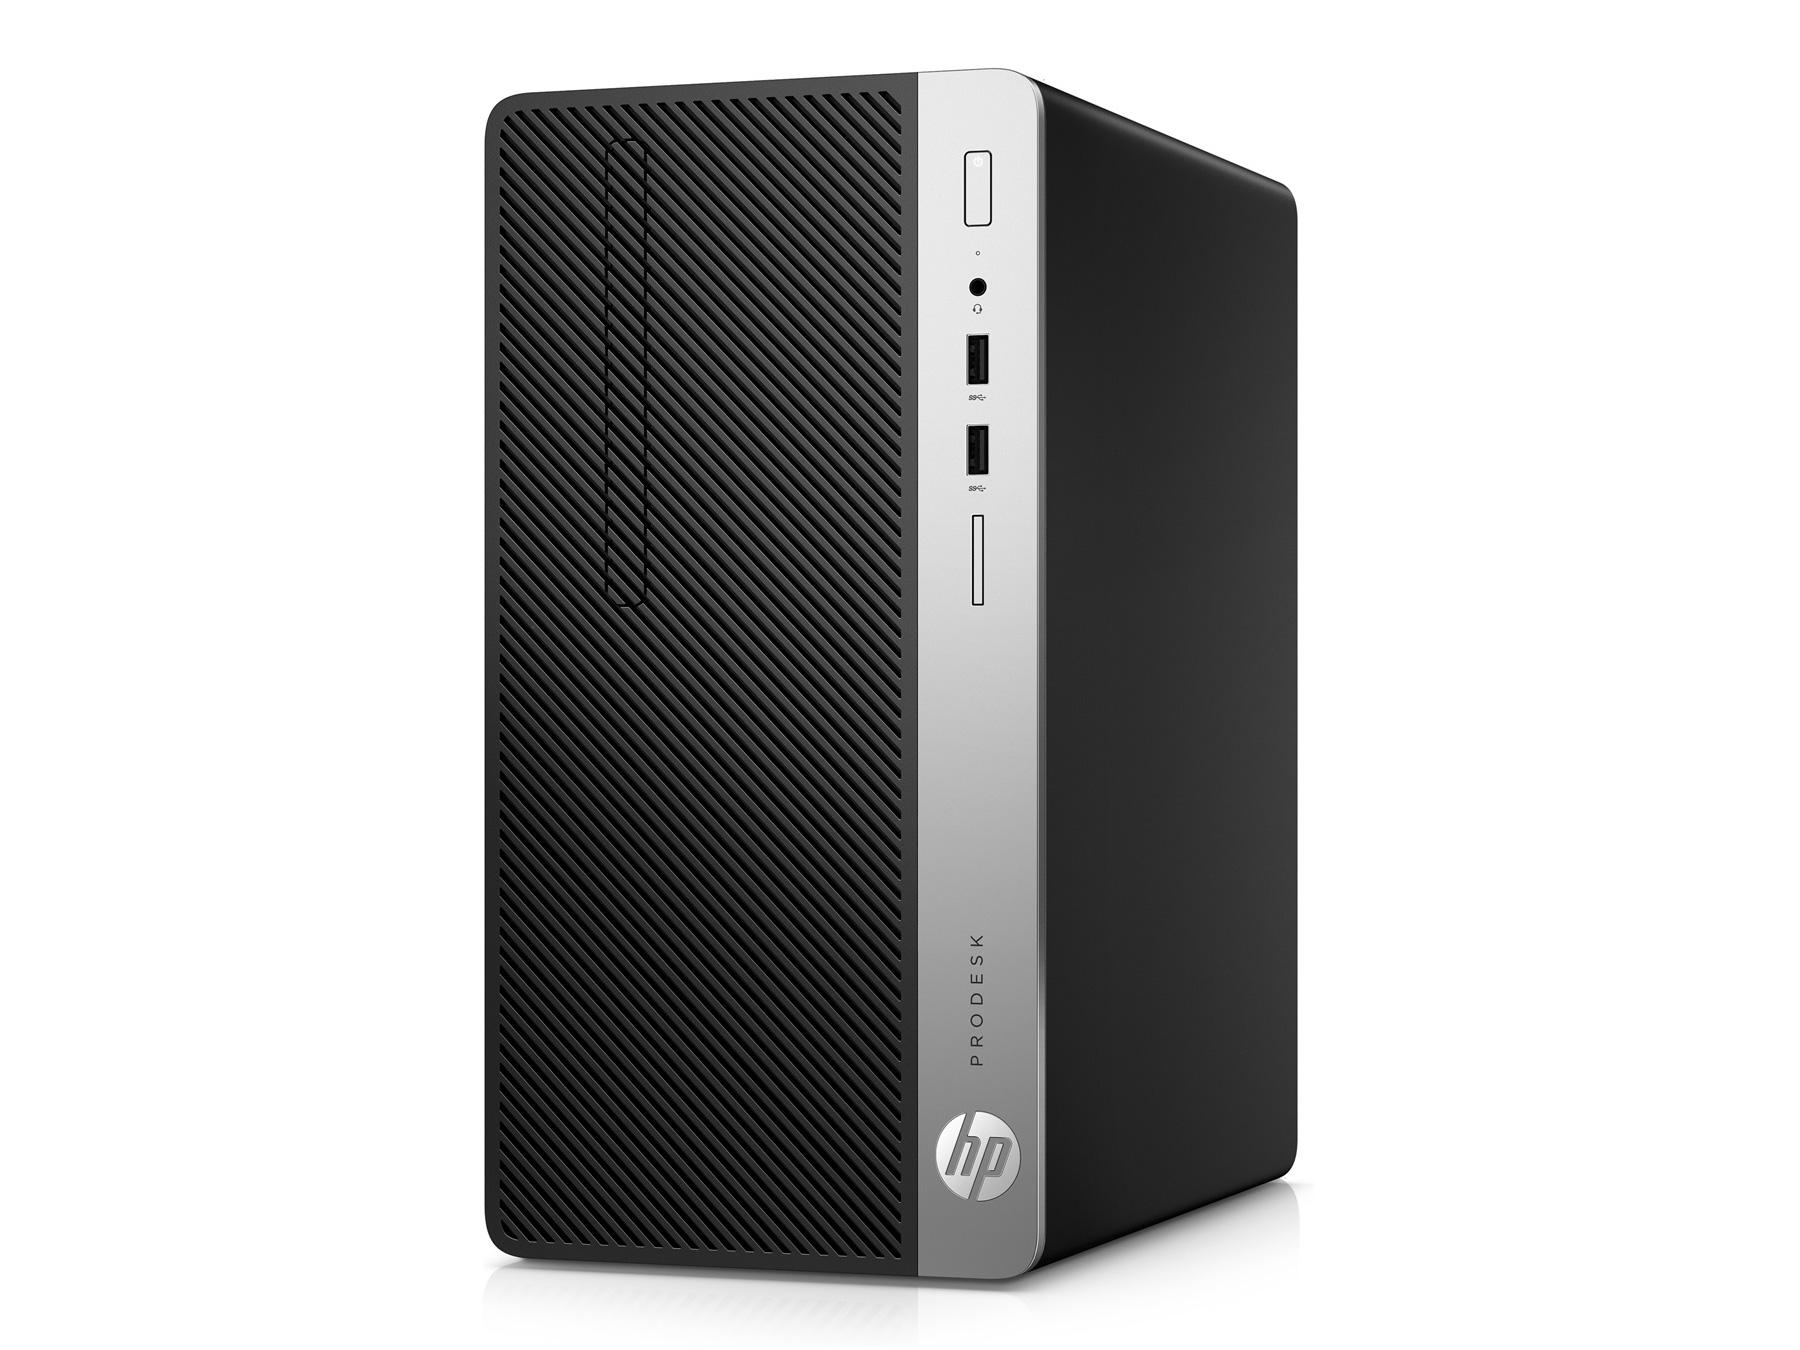 Máy bộ HP ProDesk 400 G4 MT - 1HT54PA - i5-7500(4*3.4)/4GD4/500G7/DVDRW/KB/M/ĐEN/DOS